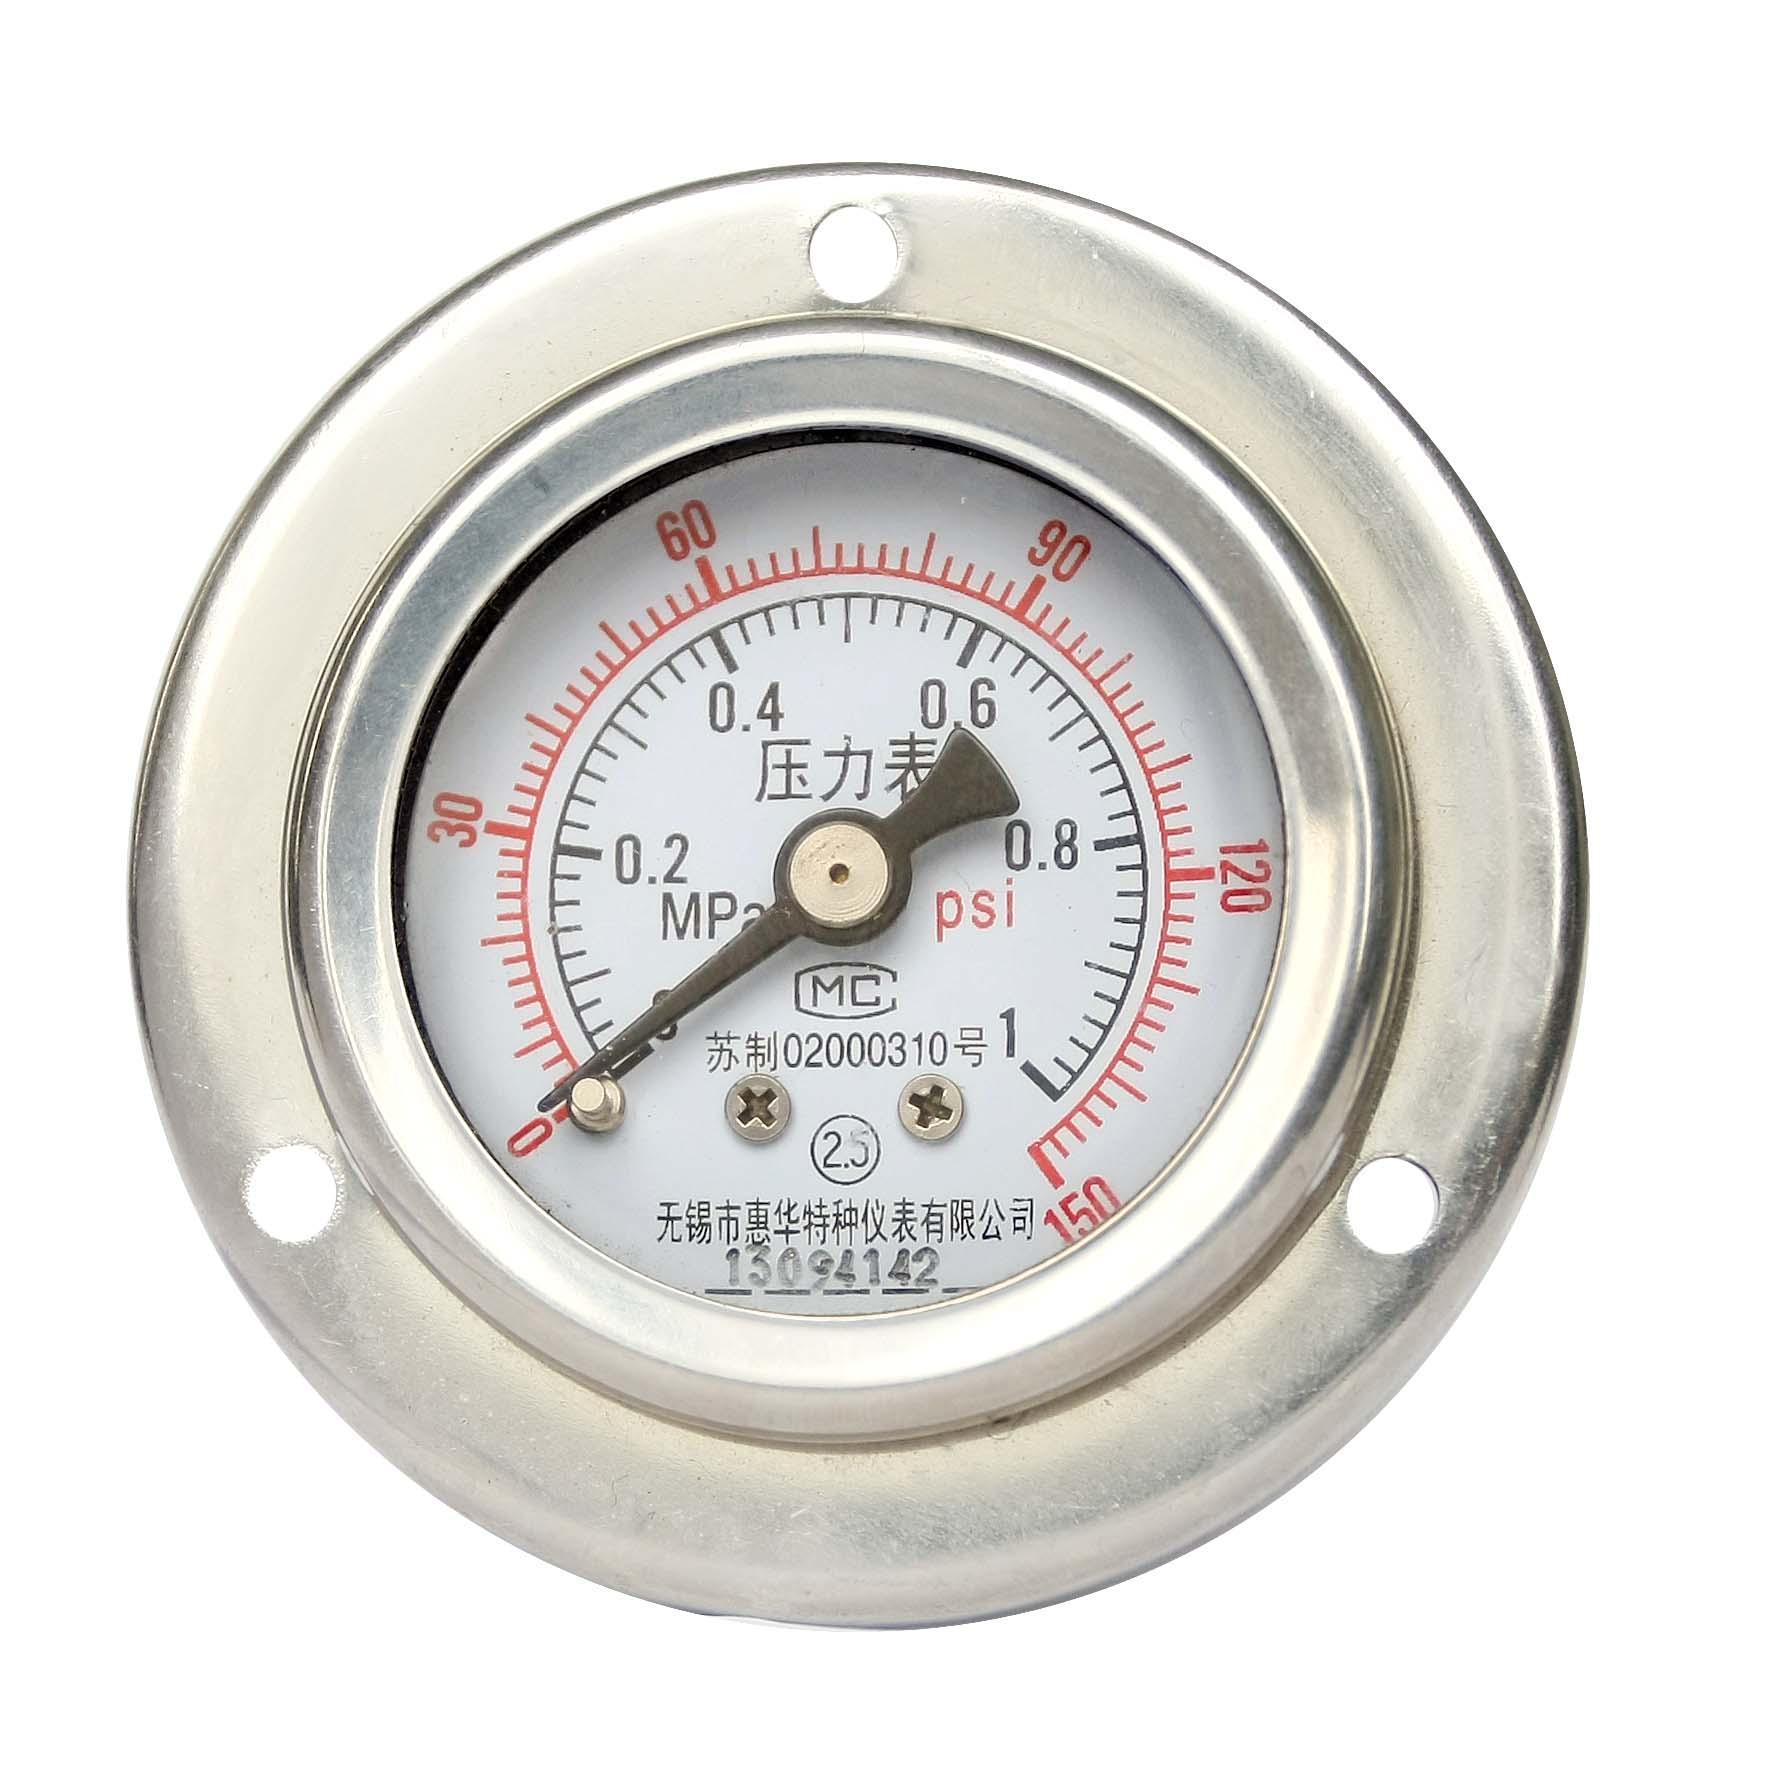 壓力表 一般壓力表 真空壓力表 彈簧管壓力表 12